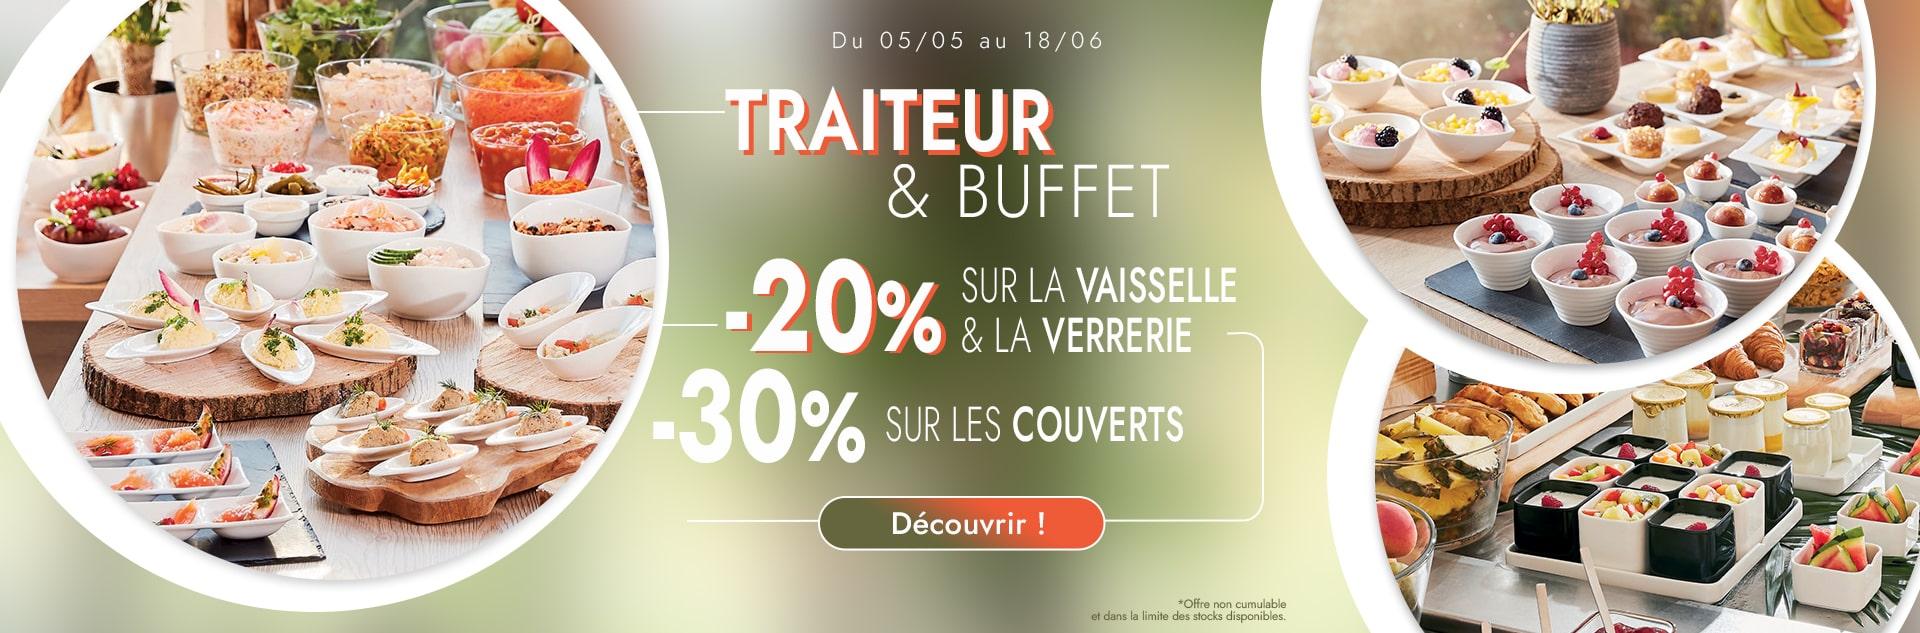 Traiteur & Buffet